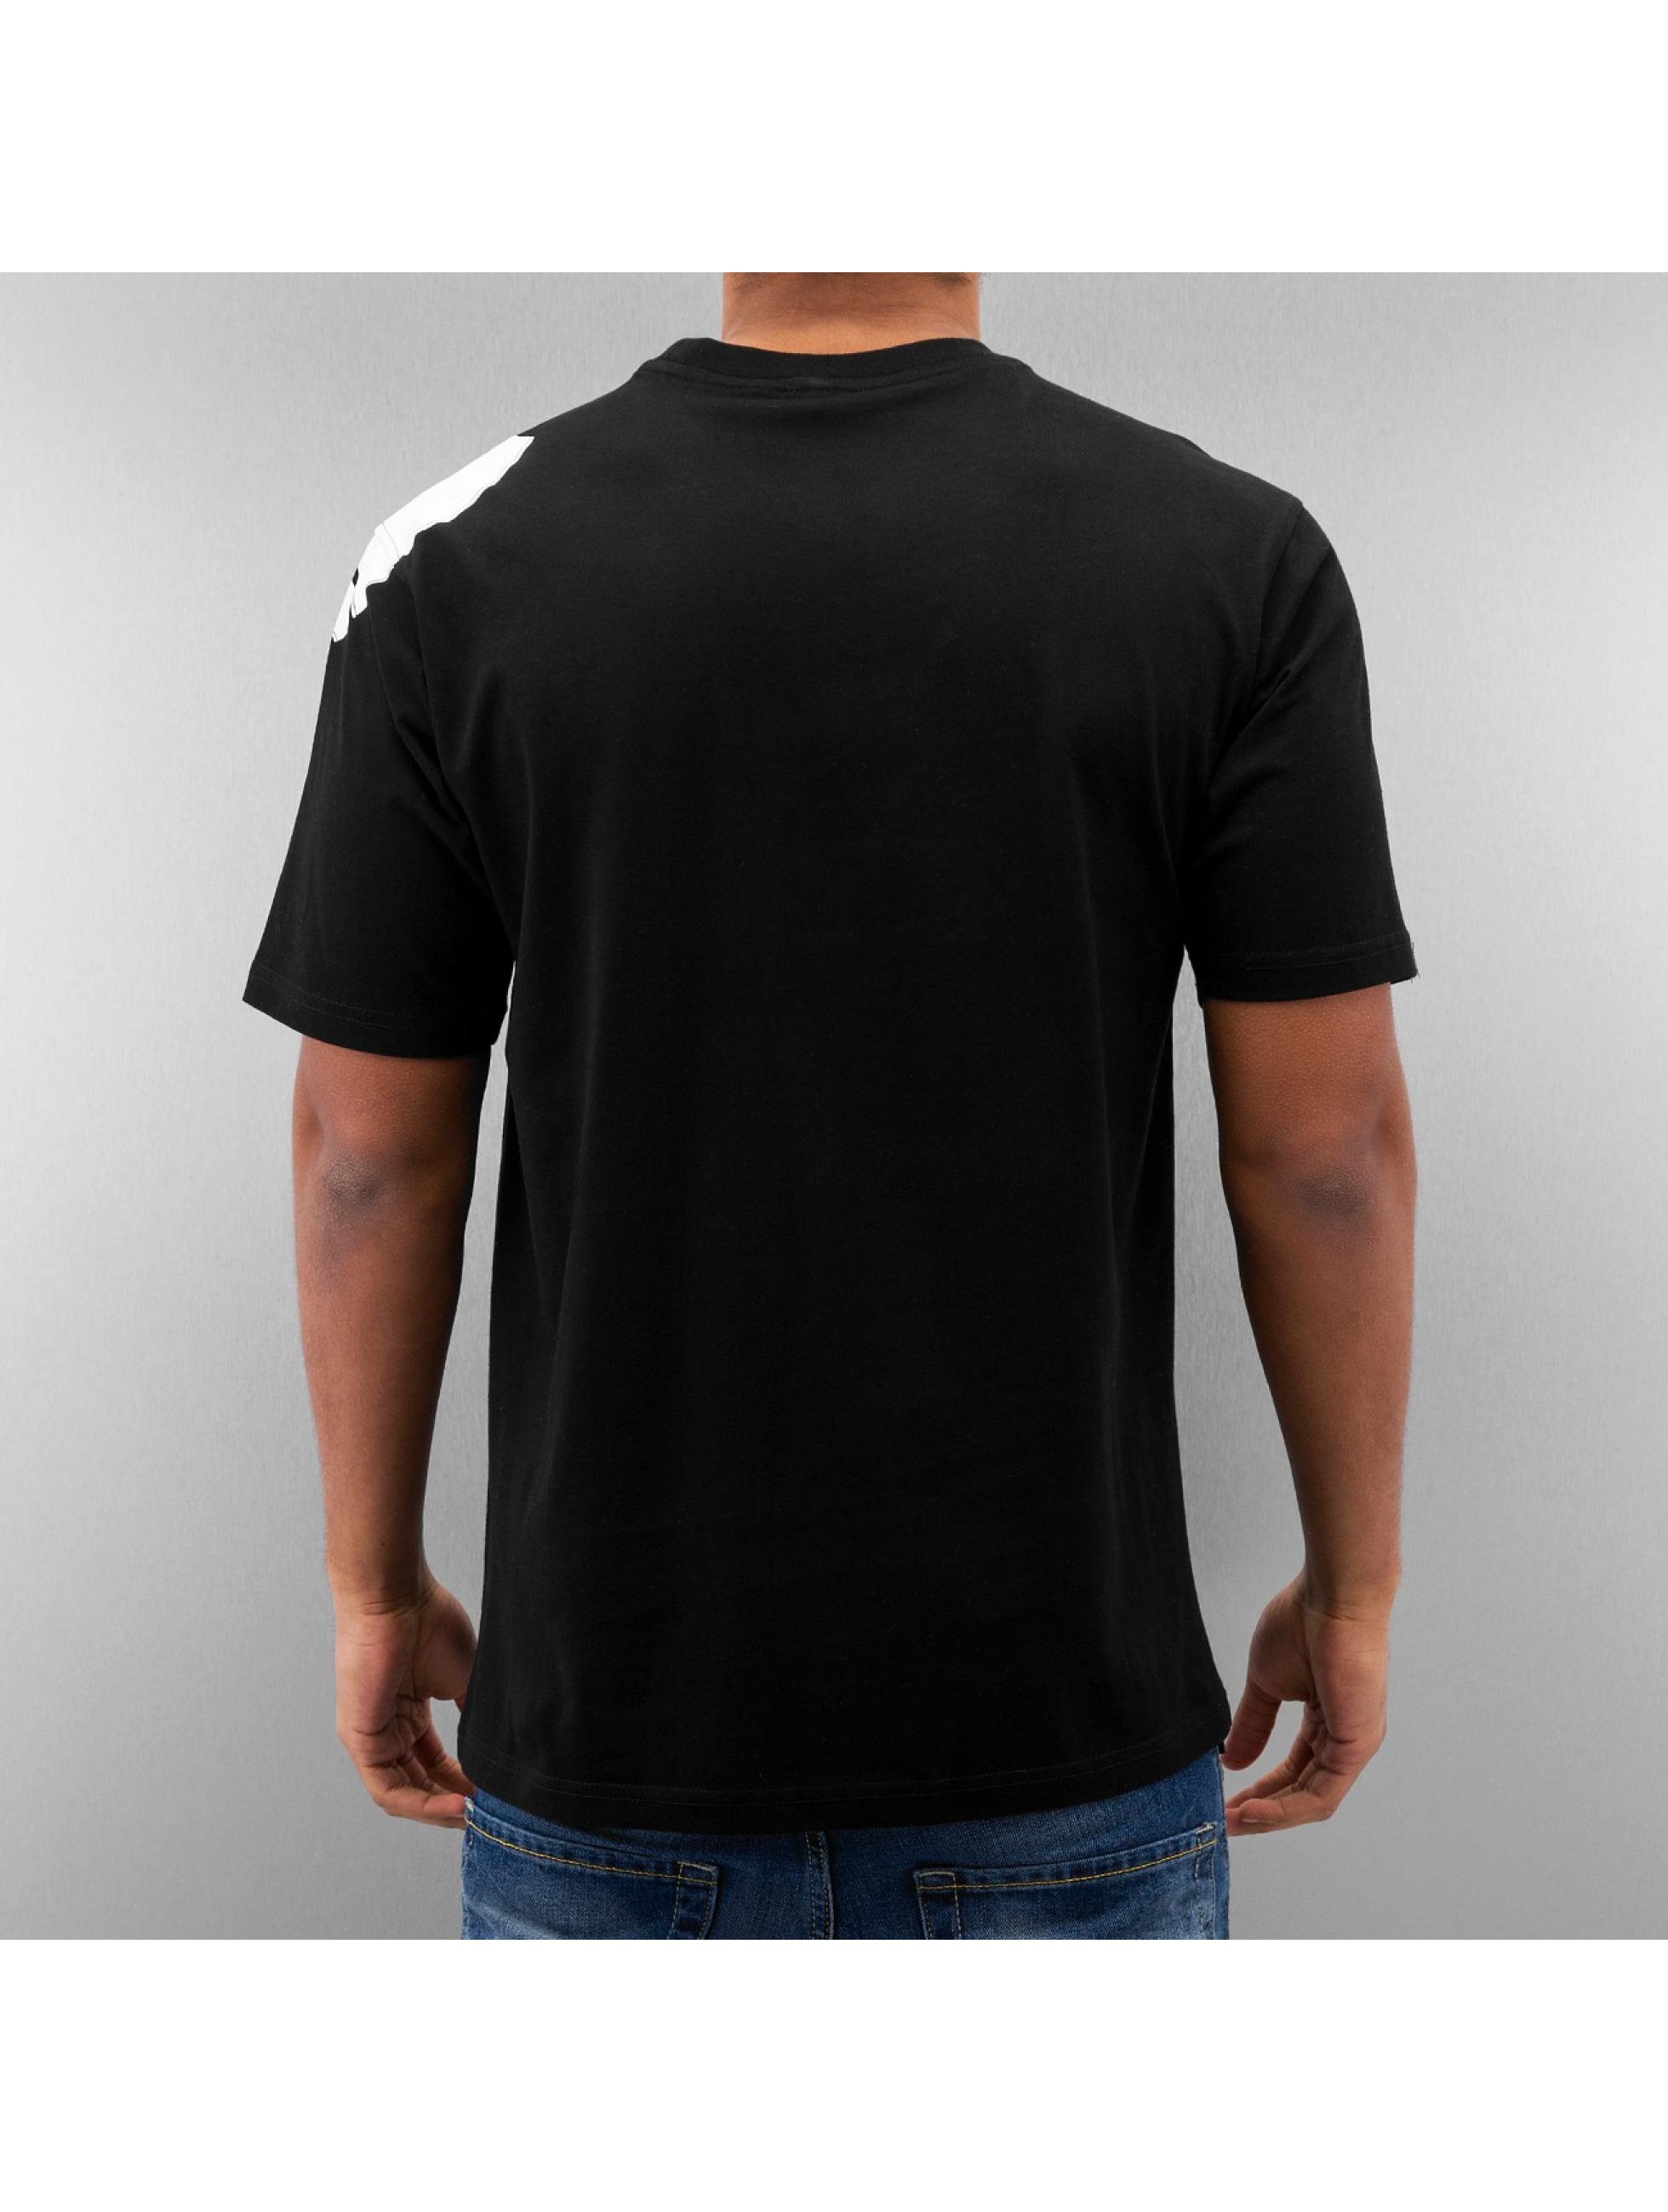 Pelle Pelle t-shirt Demolition zwart